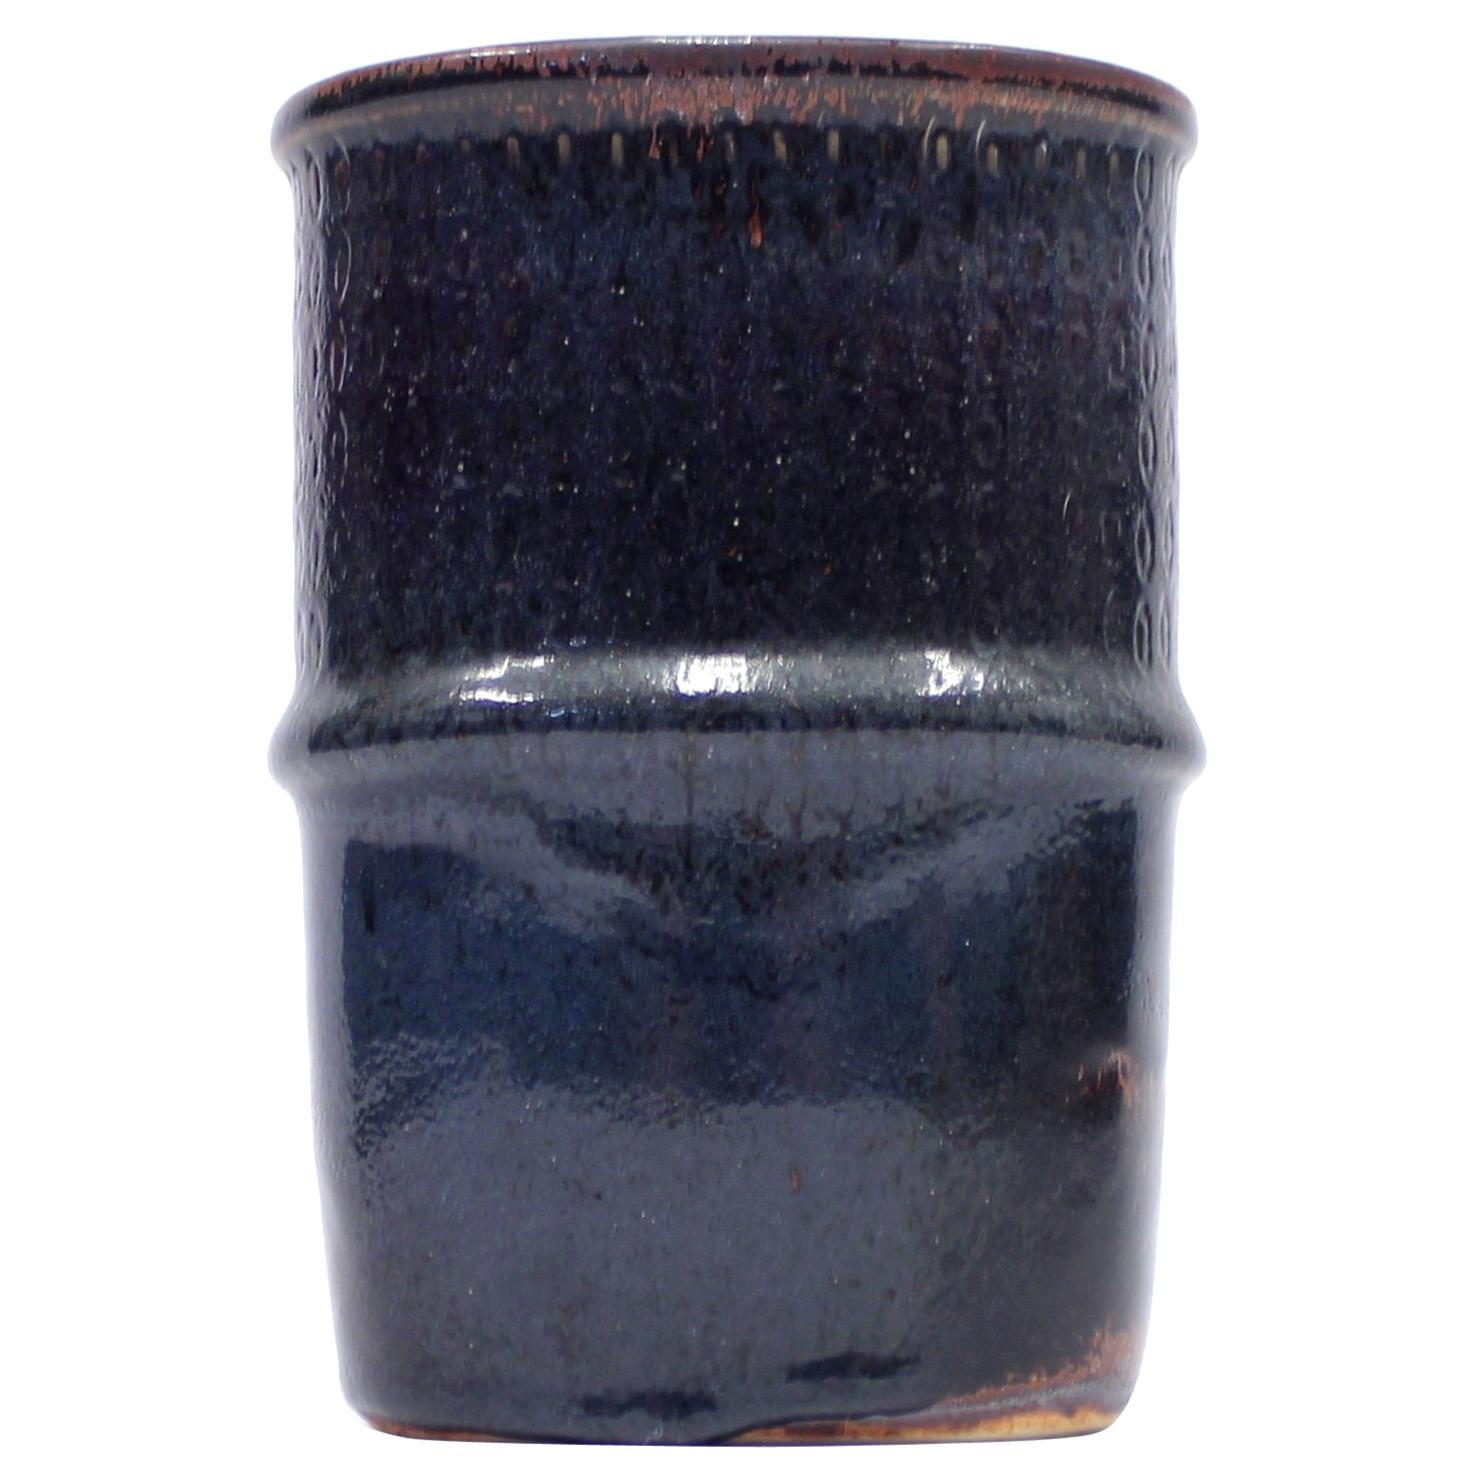 Ceramic Vase by Stig Lindberg for Gustavsberg, 1950s